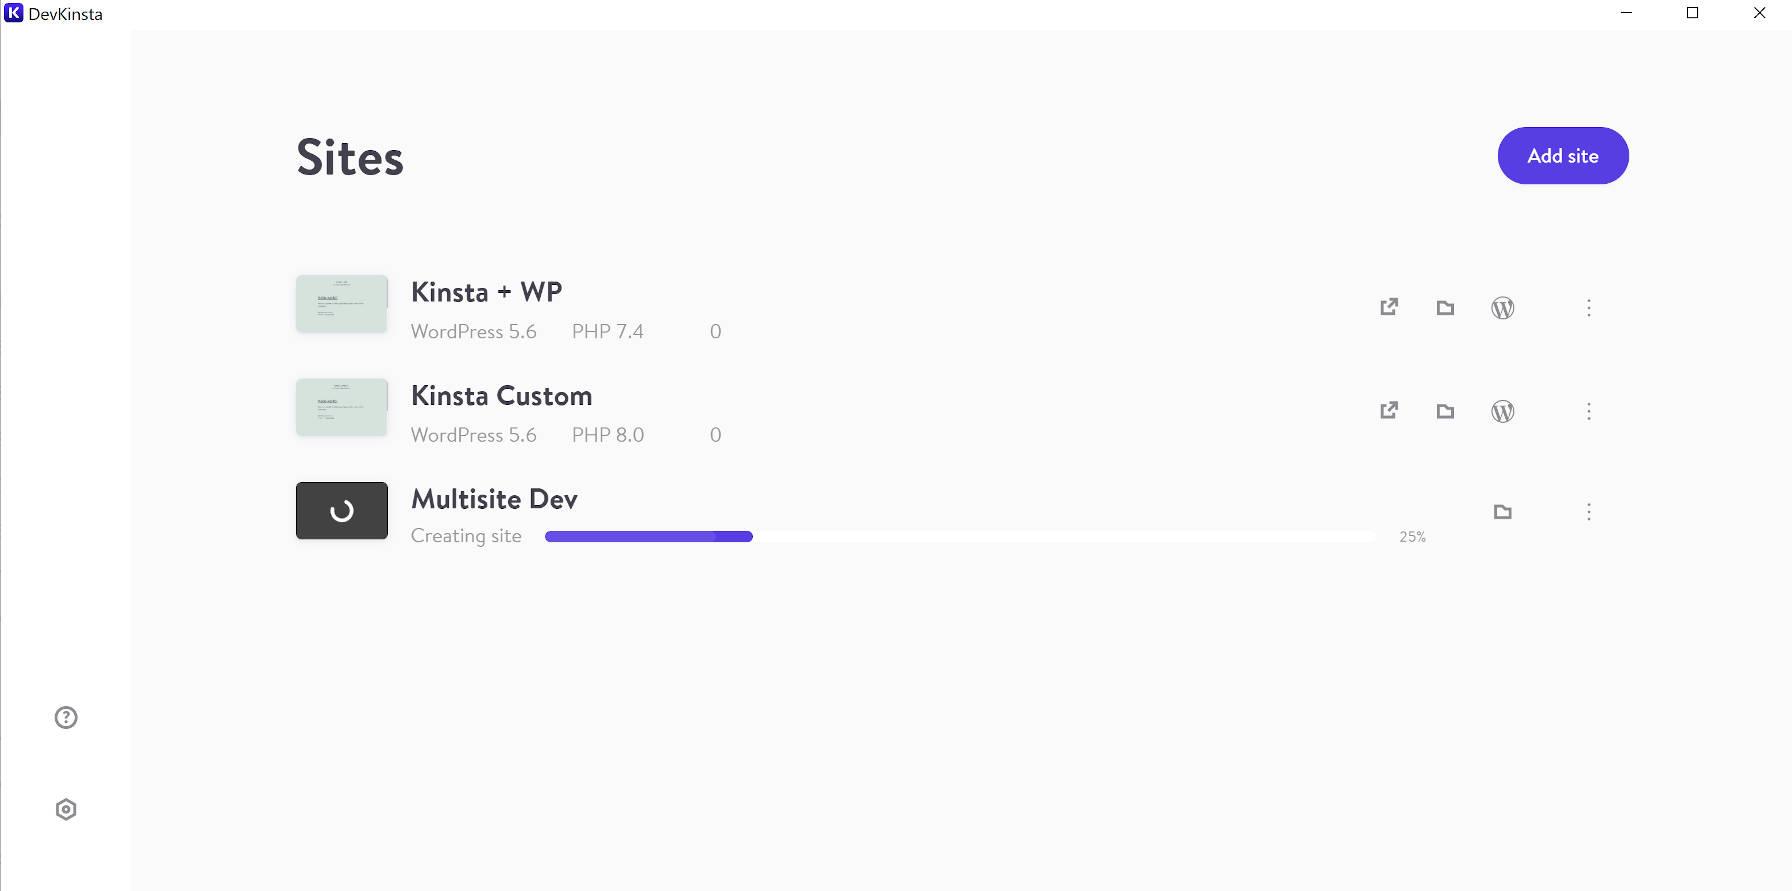 L'écran de gestion de site de DevKinsta, qui répertorie tous les sites et dispose d'un bouton pour ajouter un nouveau site.